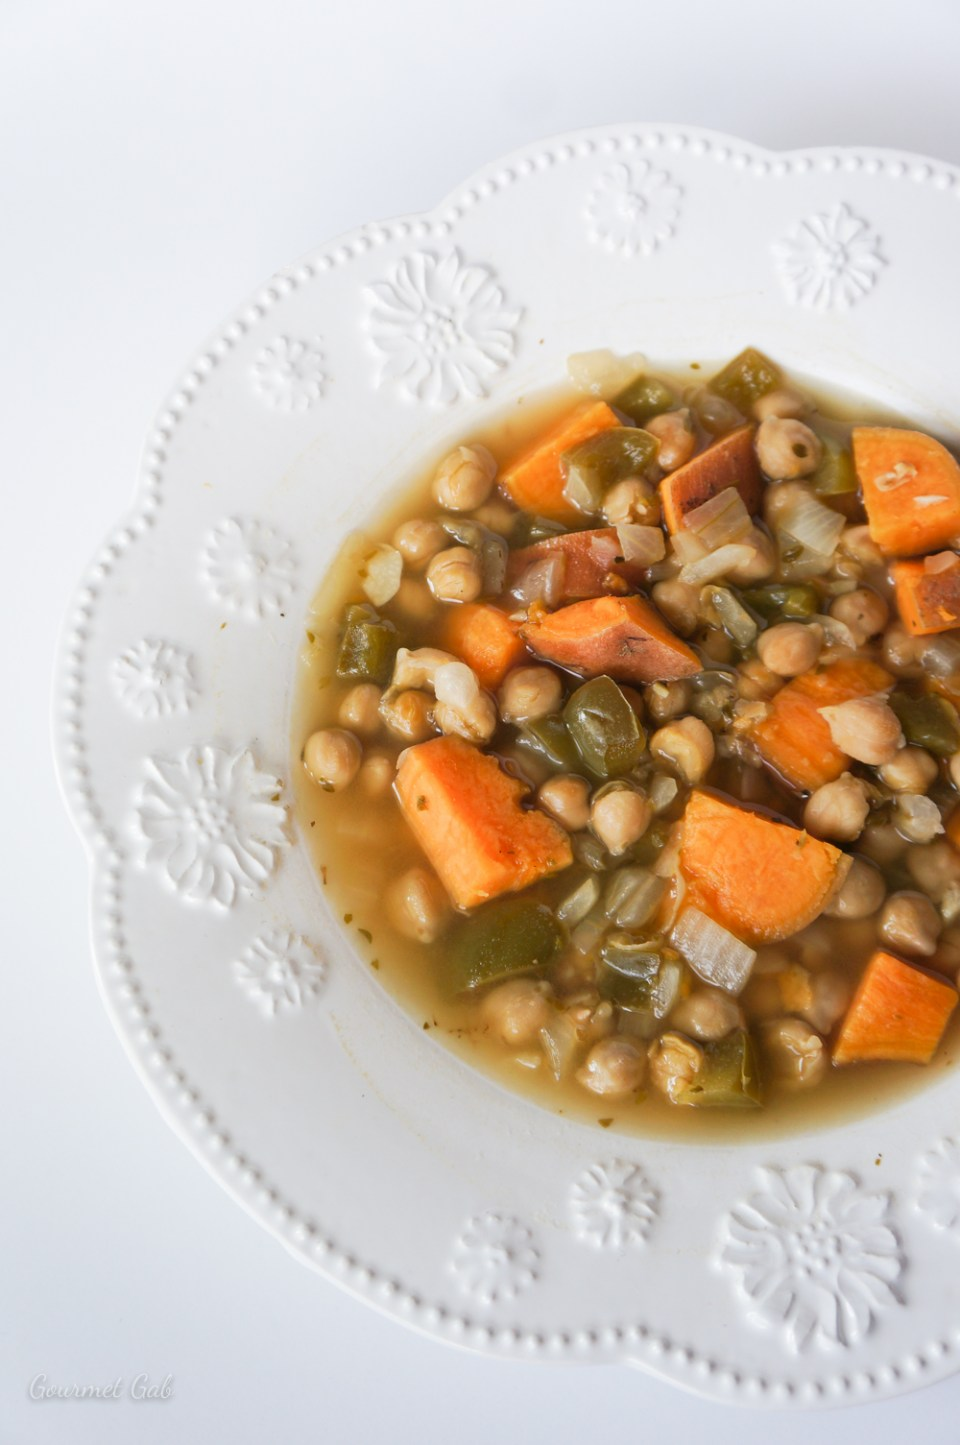 Gourmet Gab Cuban Garbanzo Bean Soup